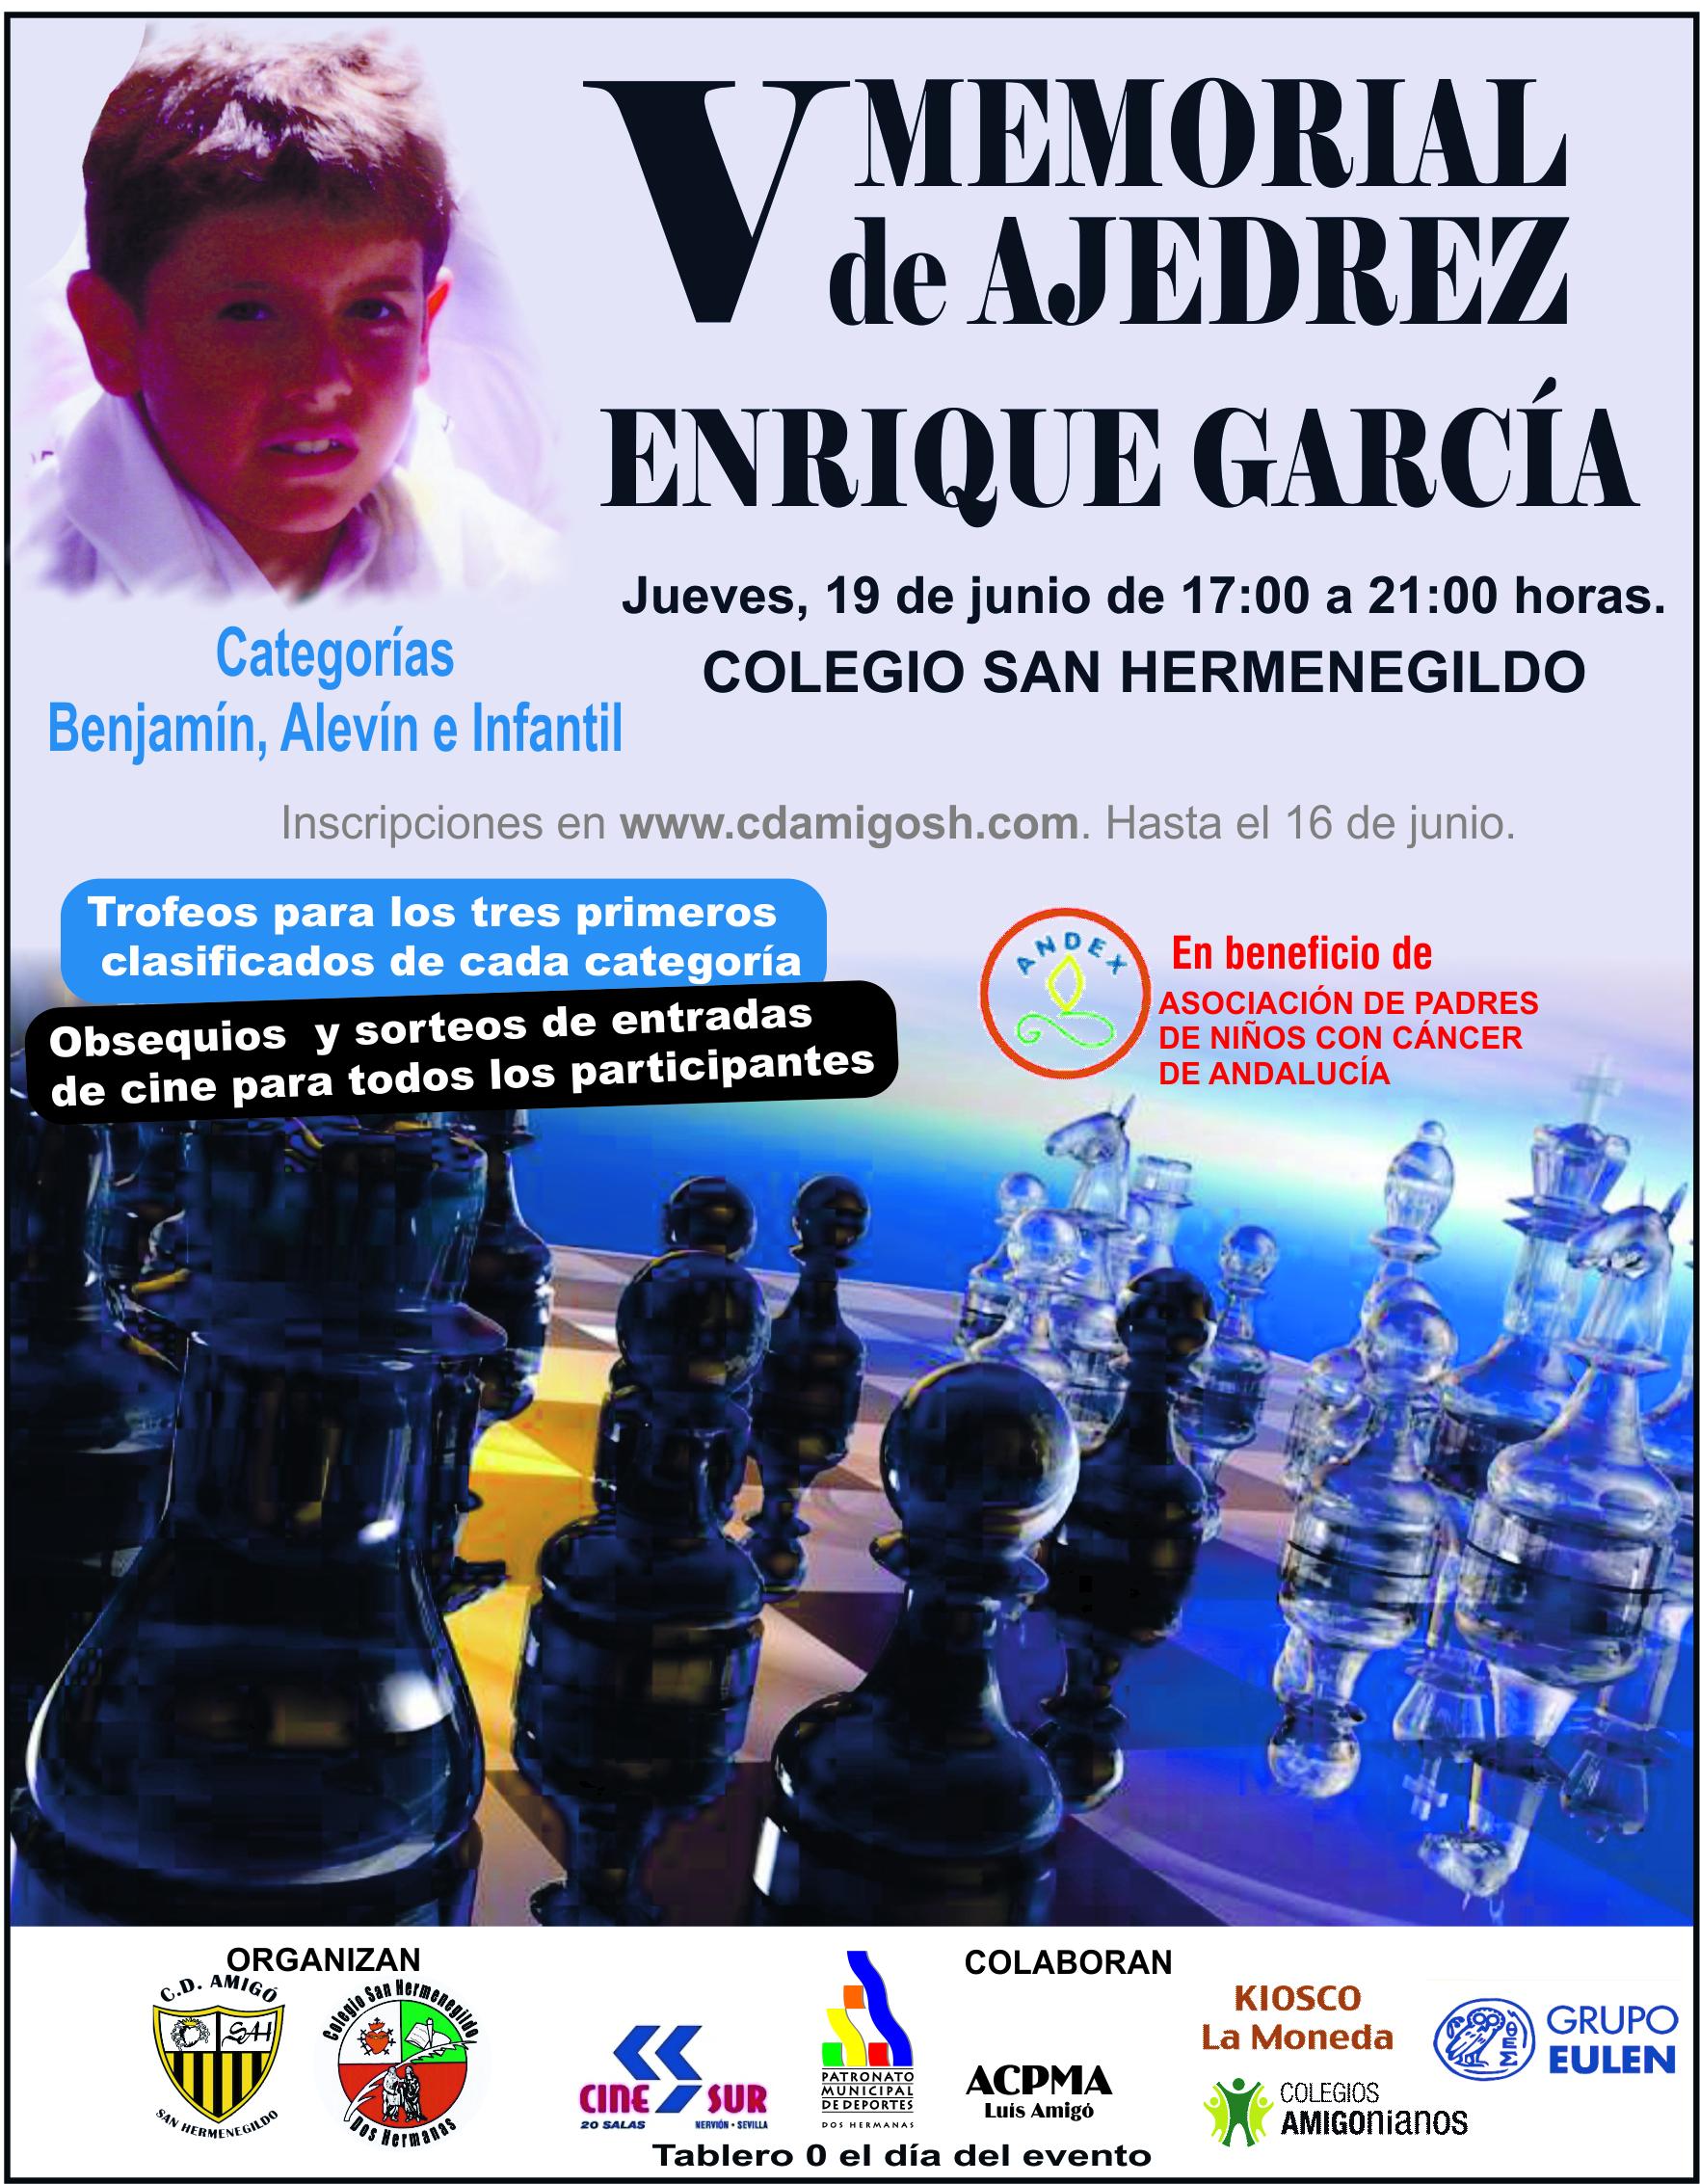 San Hermenegildo Ajedrez 927 6x3.jpg